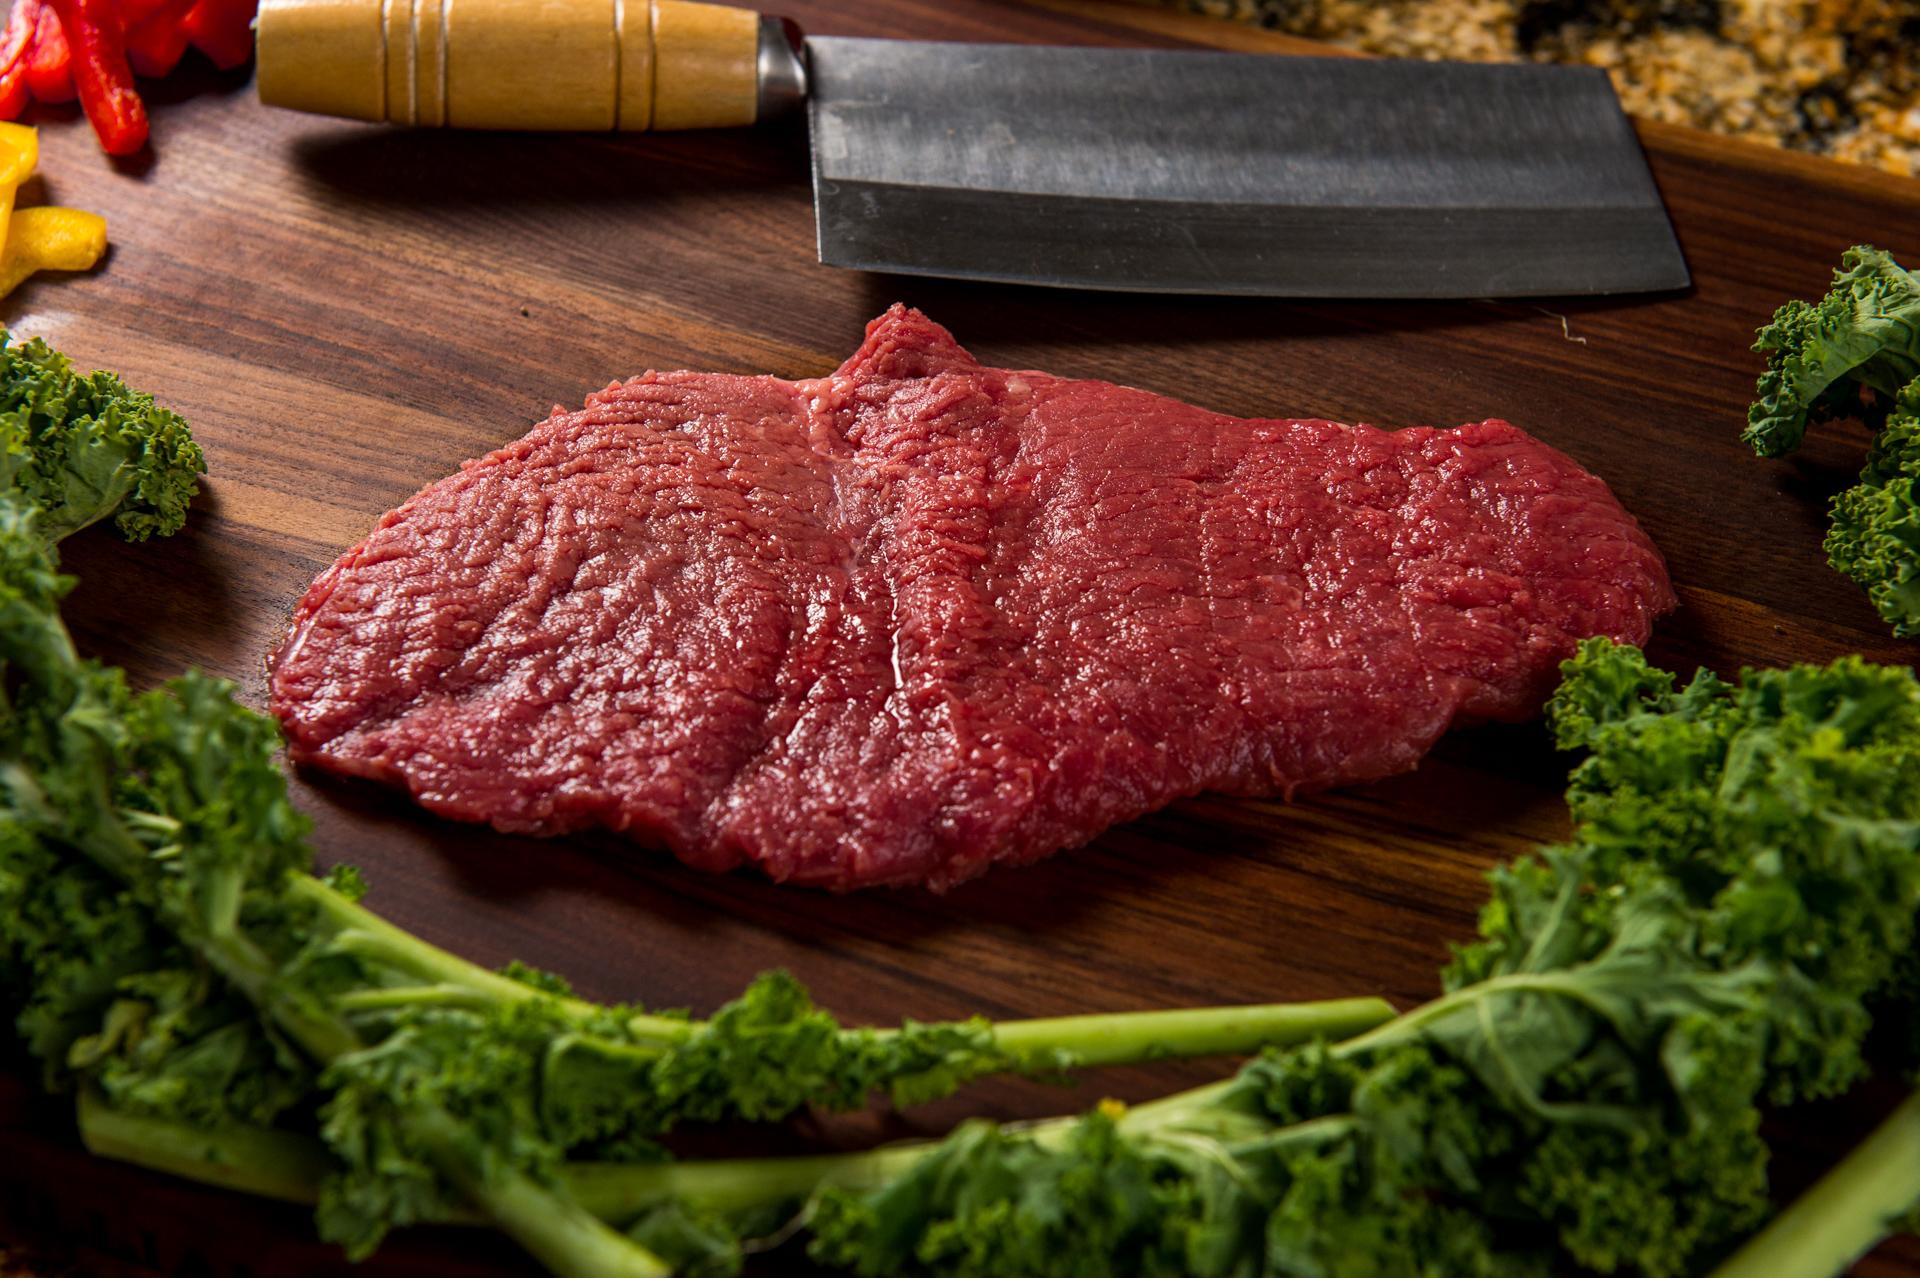 River Watch Beef - Grass Fed Beef Round Steak